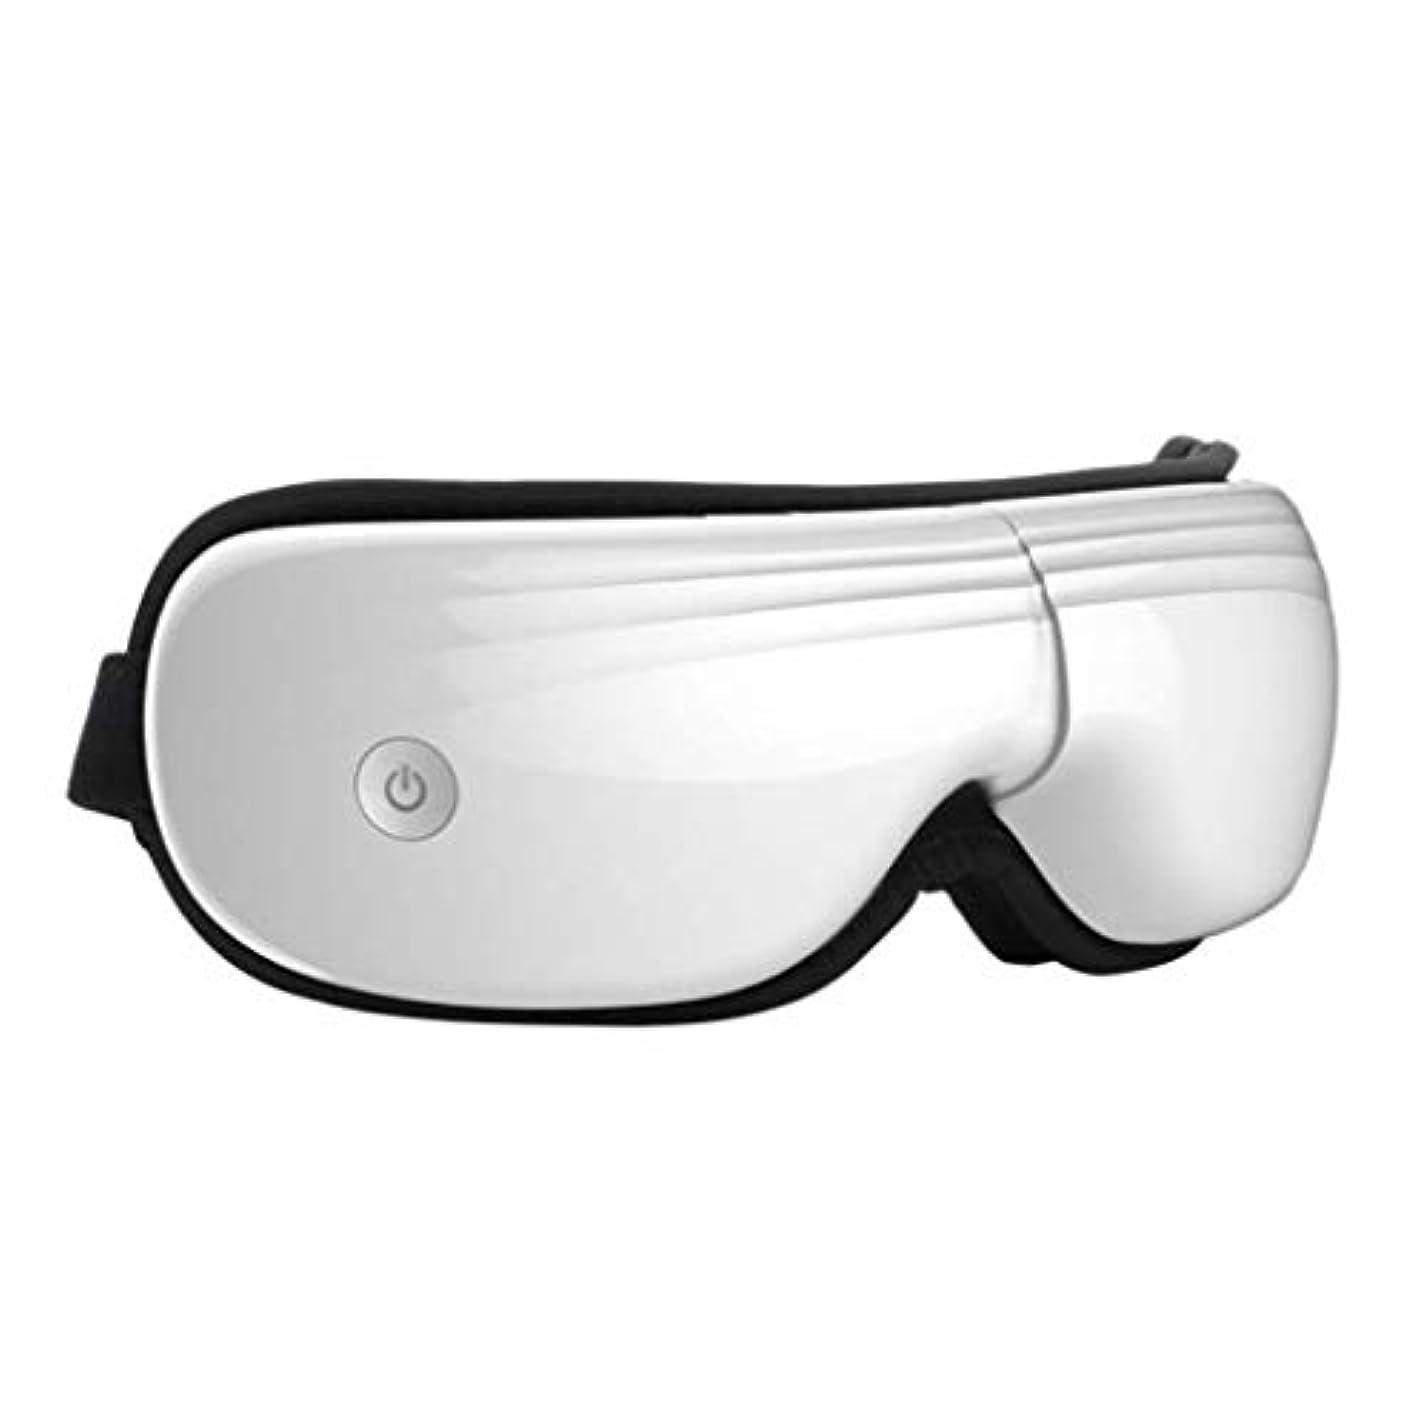 退化する和解する思慮深いアイマッサージャー、充電式ポータブルアイマッサージツール、スマート、音楽リラクゼーション、暖房、振動、空気圧縮、視力保護、疲労回復、睡眠促進 (Color : 白)